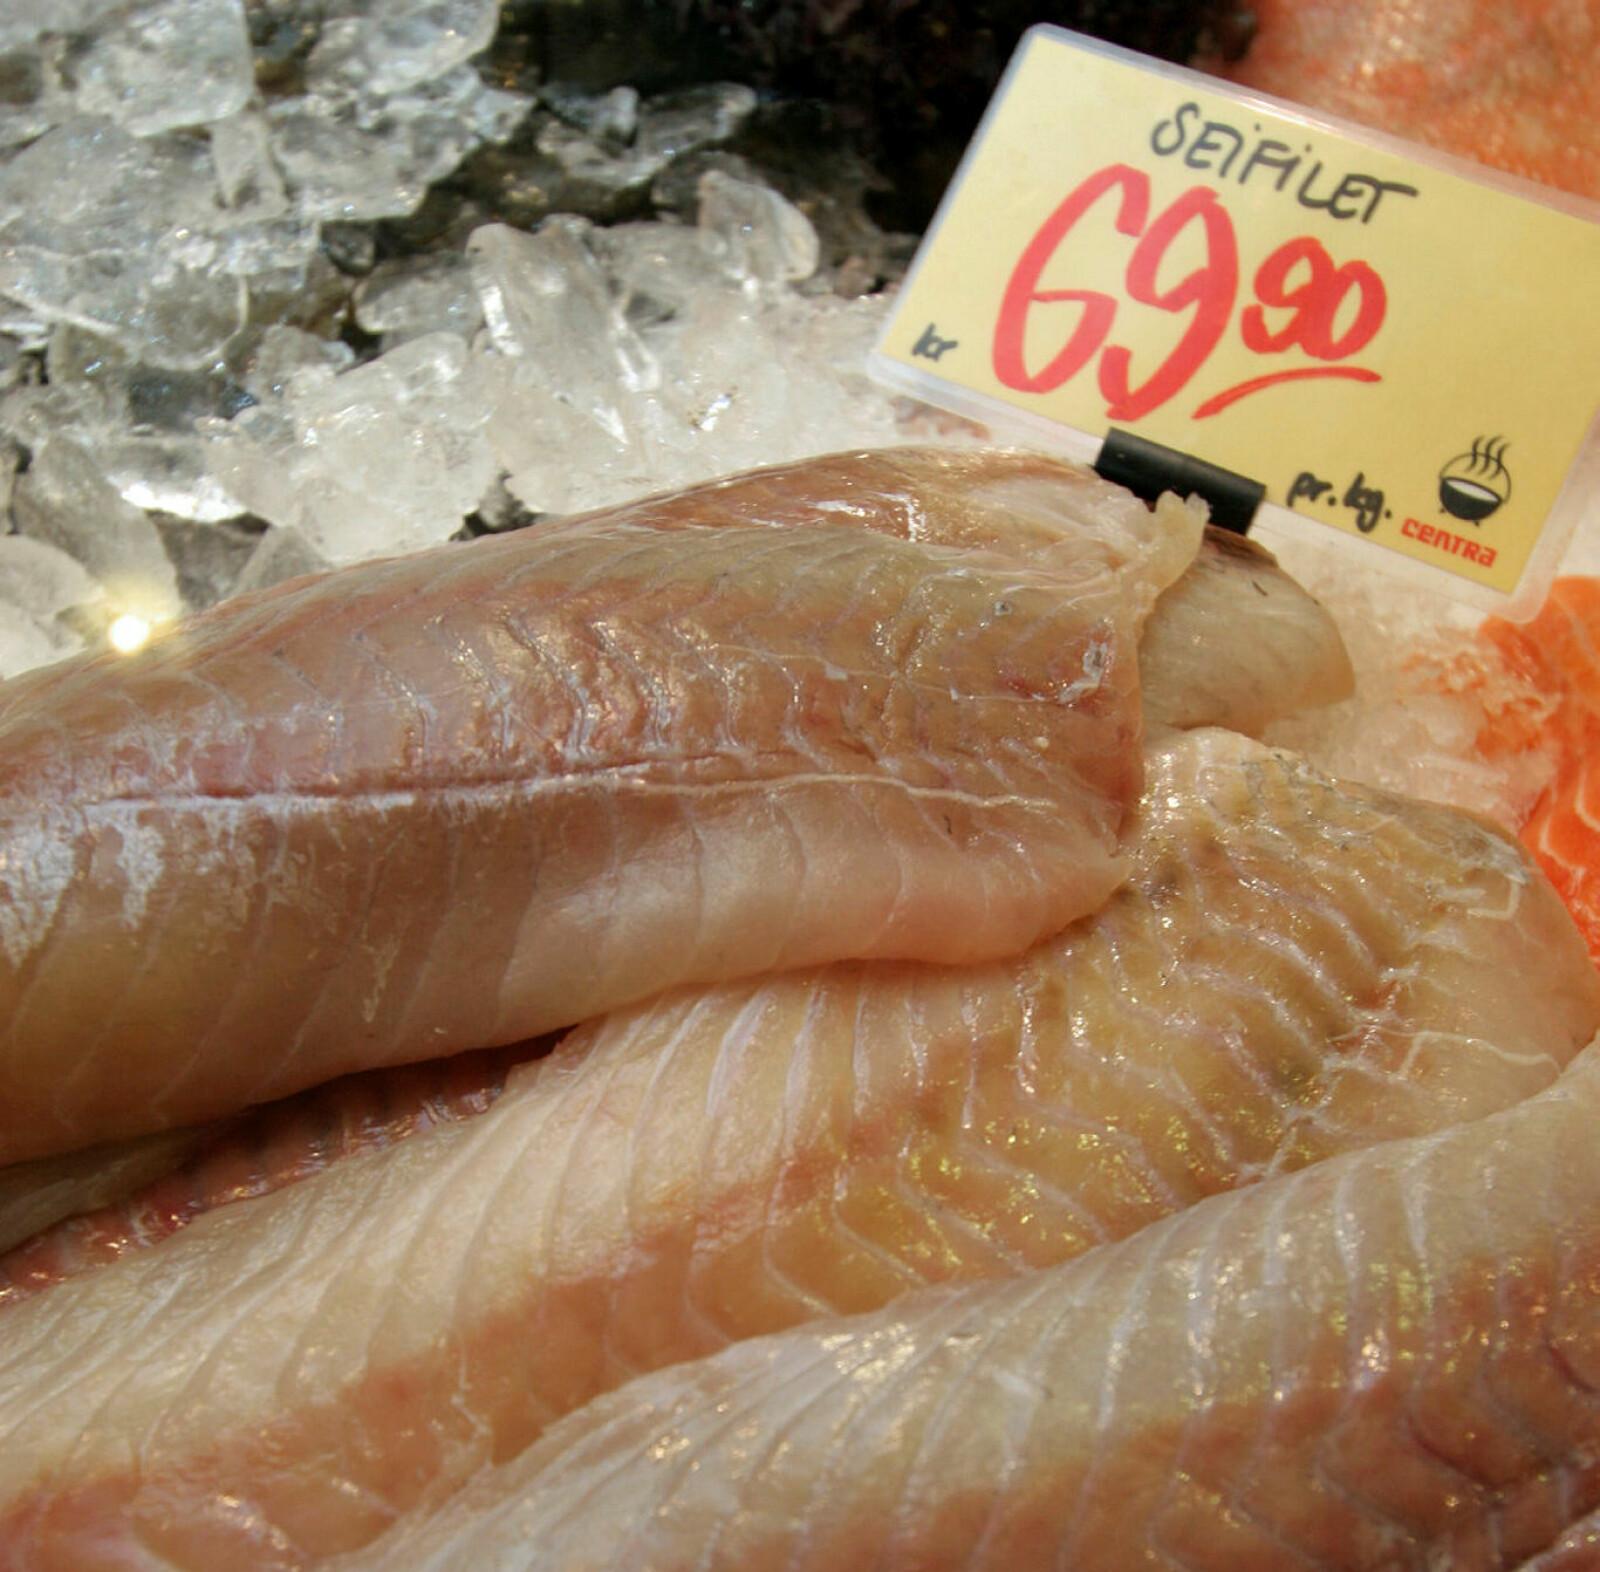 Seifilet i ferskdisken på butikk, slik mange er pleier å se fisken.